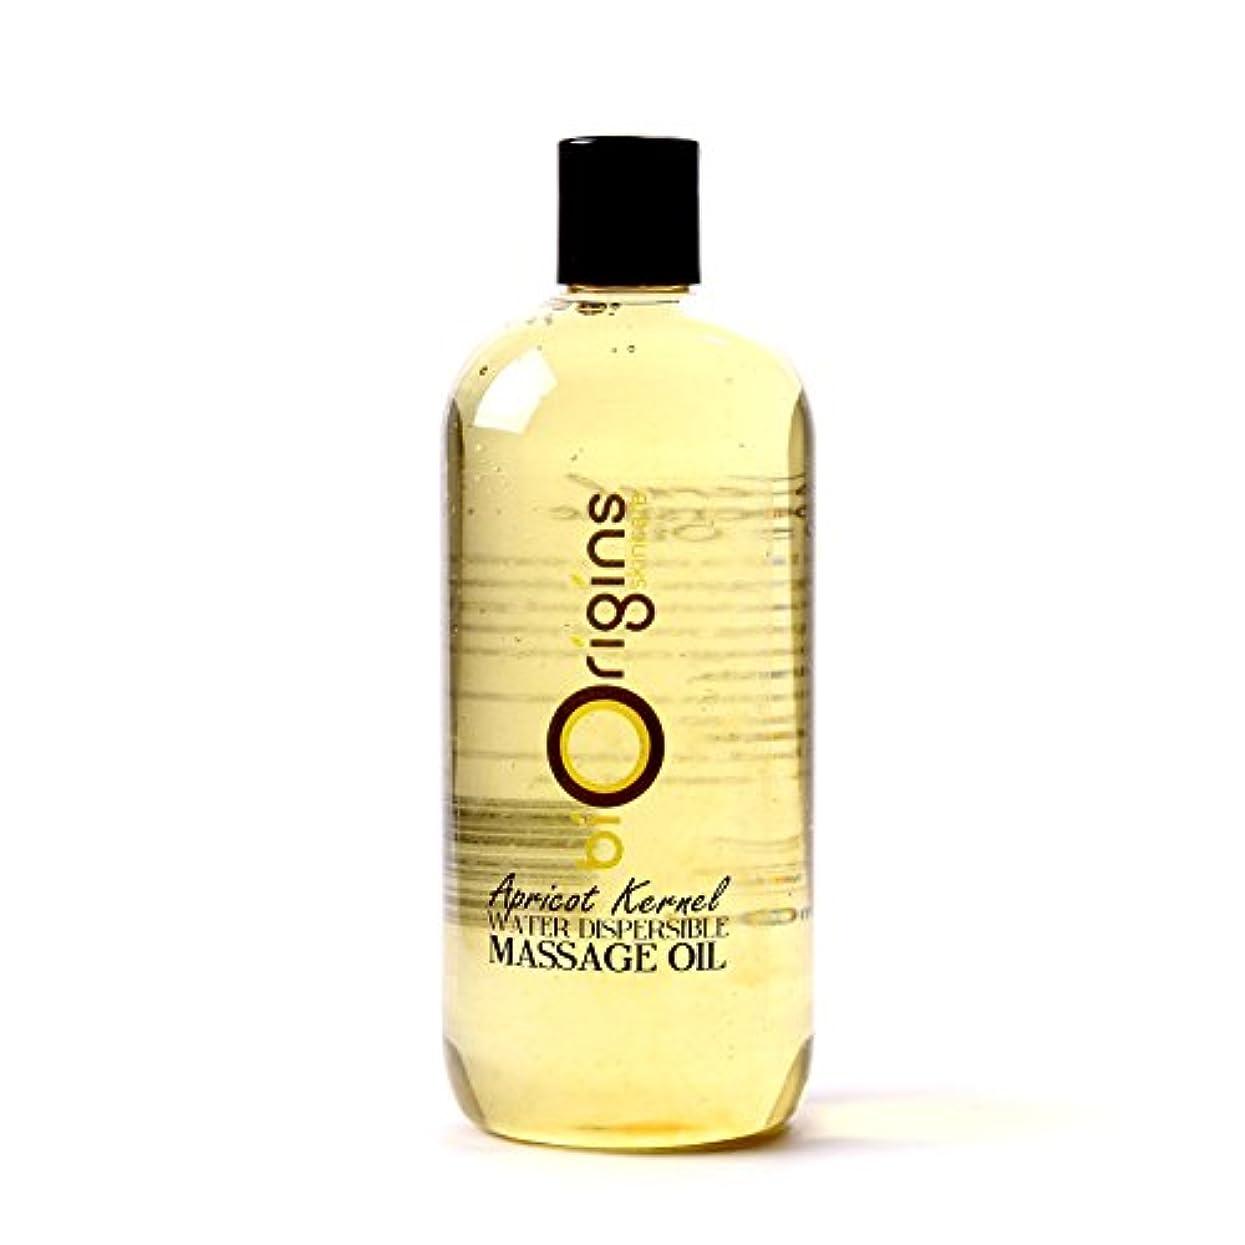 干ばつ漂流読者Apricot Kernel Water Dispersible Massage Oil - 500ml - 100% Pure